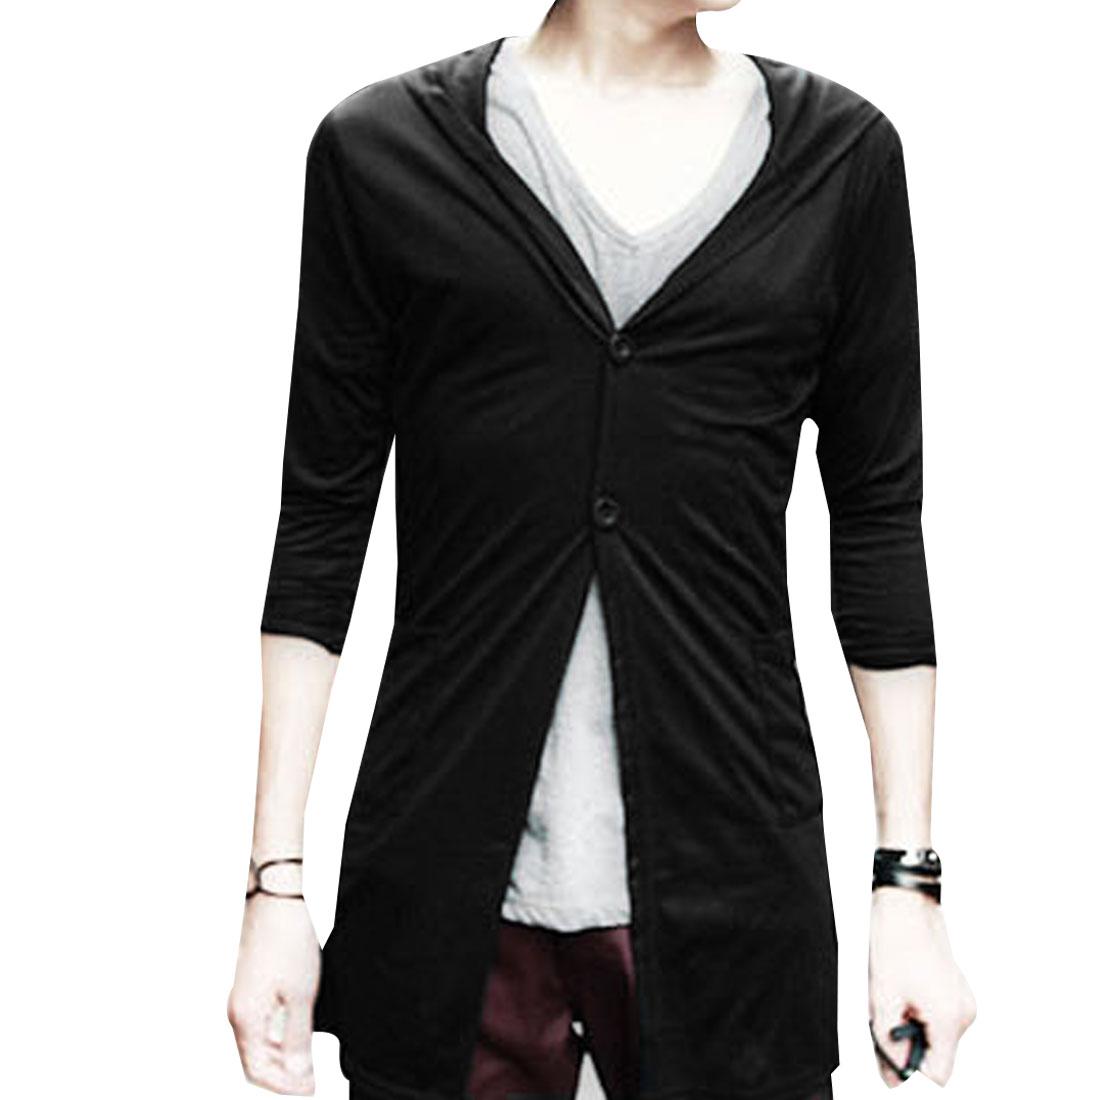 Mens NEW Solid Color Irregular Hem Back Pockets Detail Hoodie Black XS